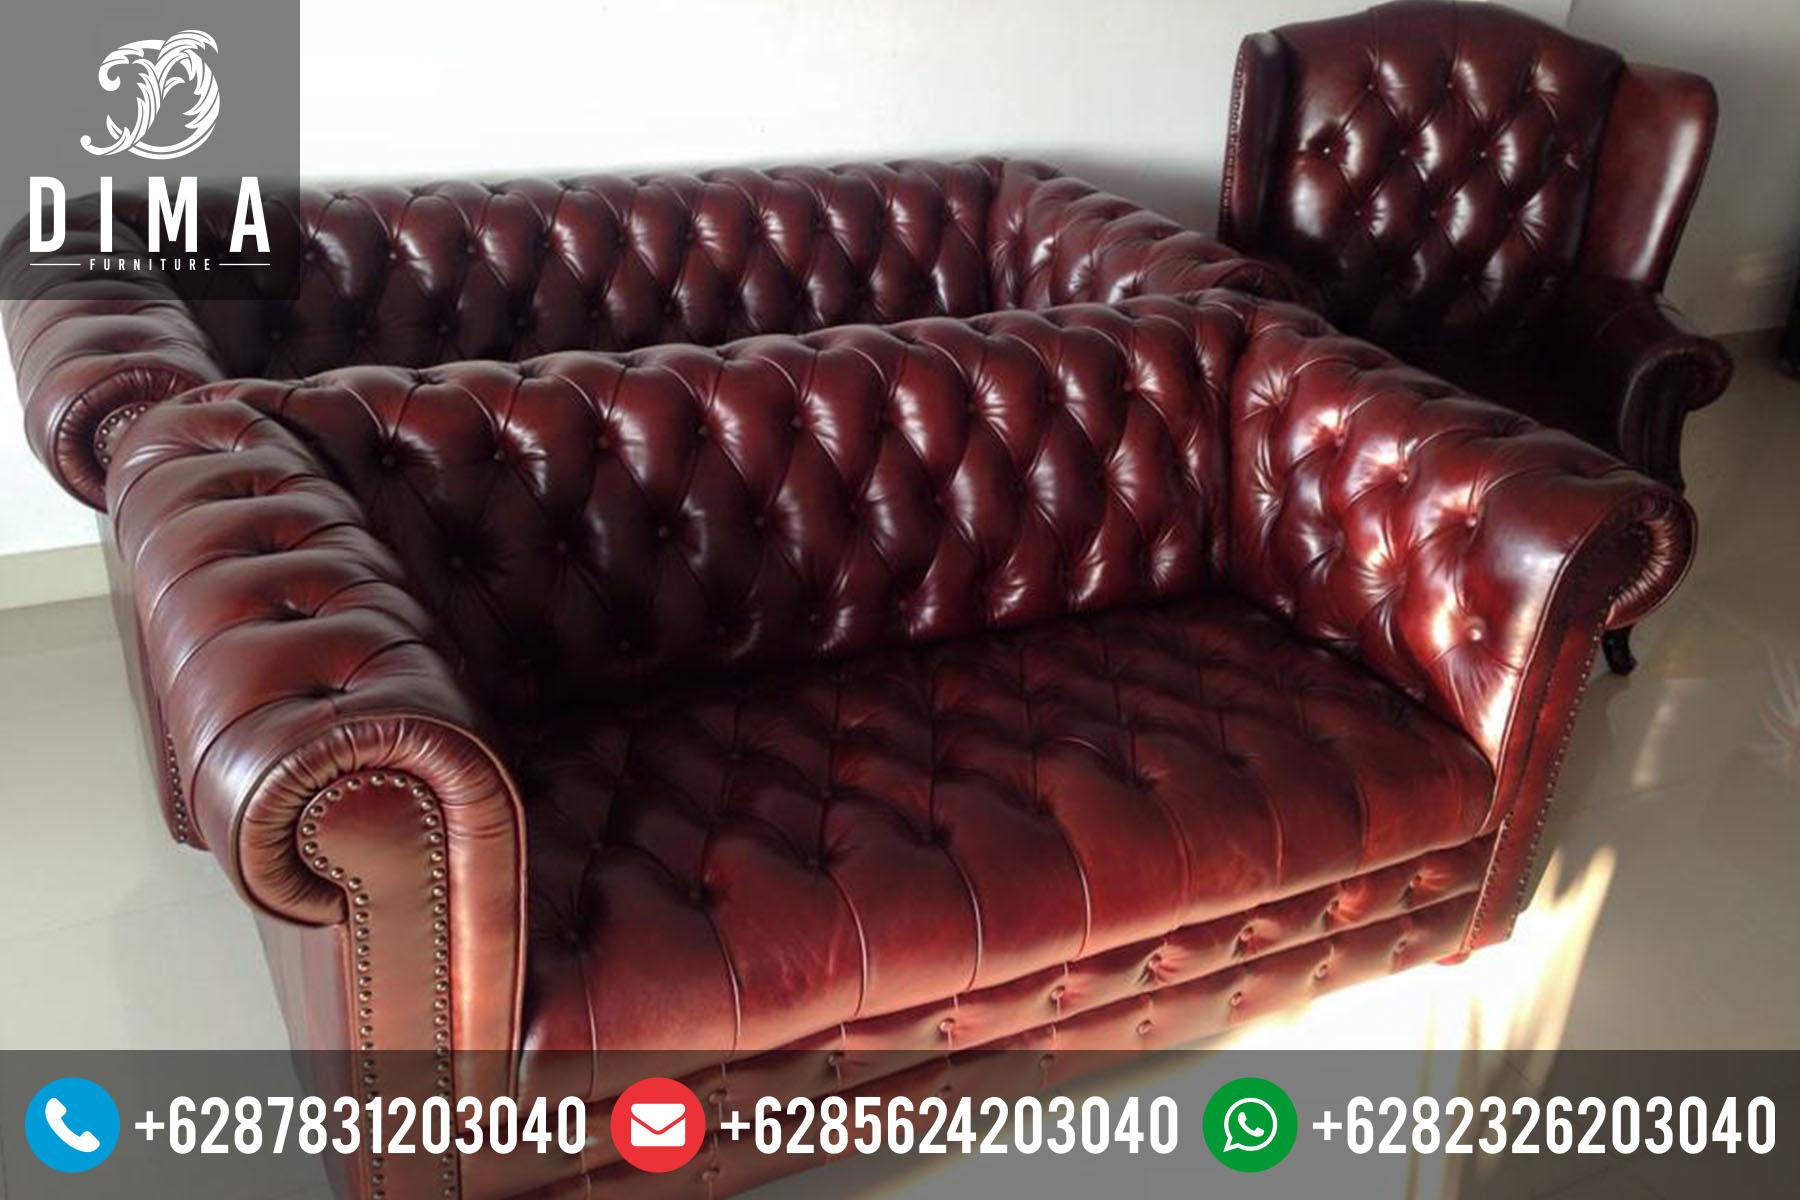 Mebel Jepara Set Kursi Sofa Bed Murah Terbaru ST-0033